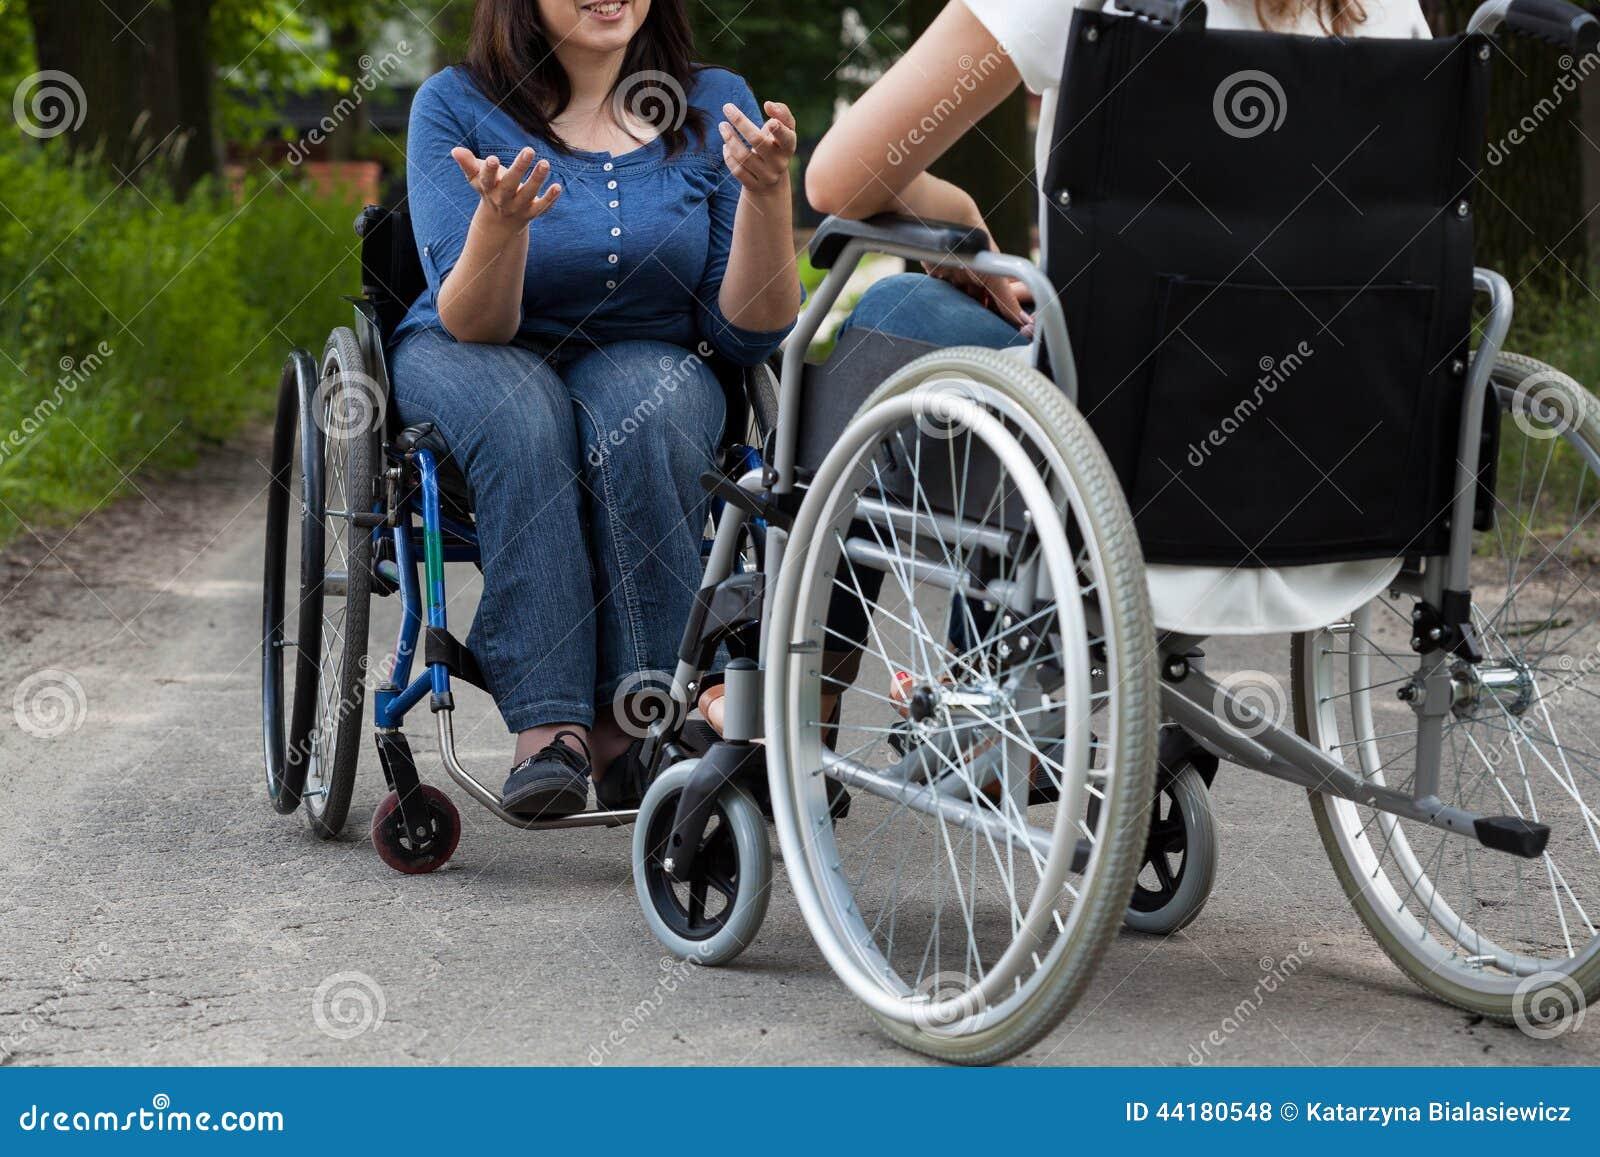 ordsprog betydning handicap ledsager